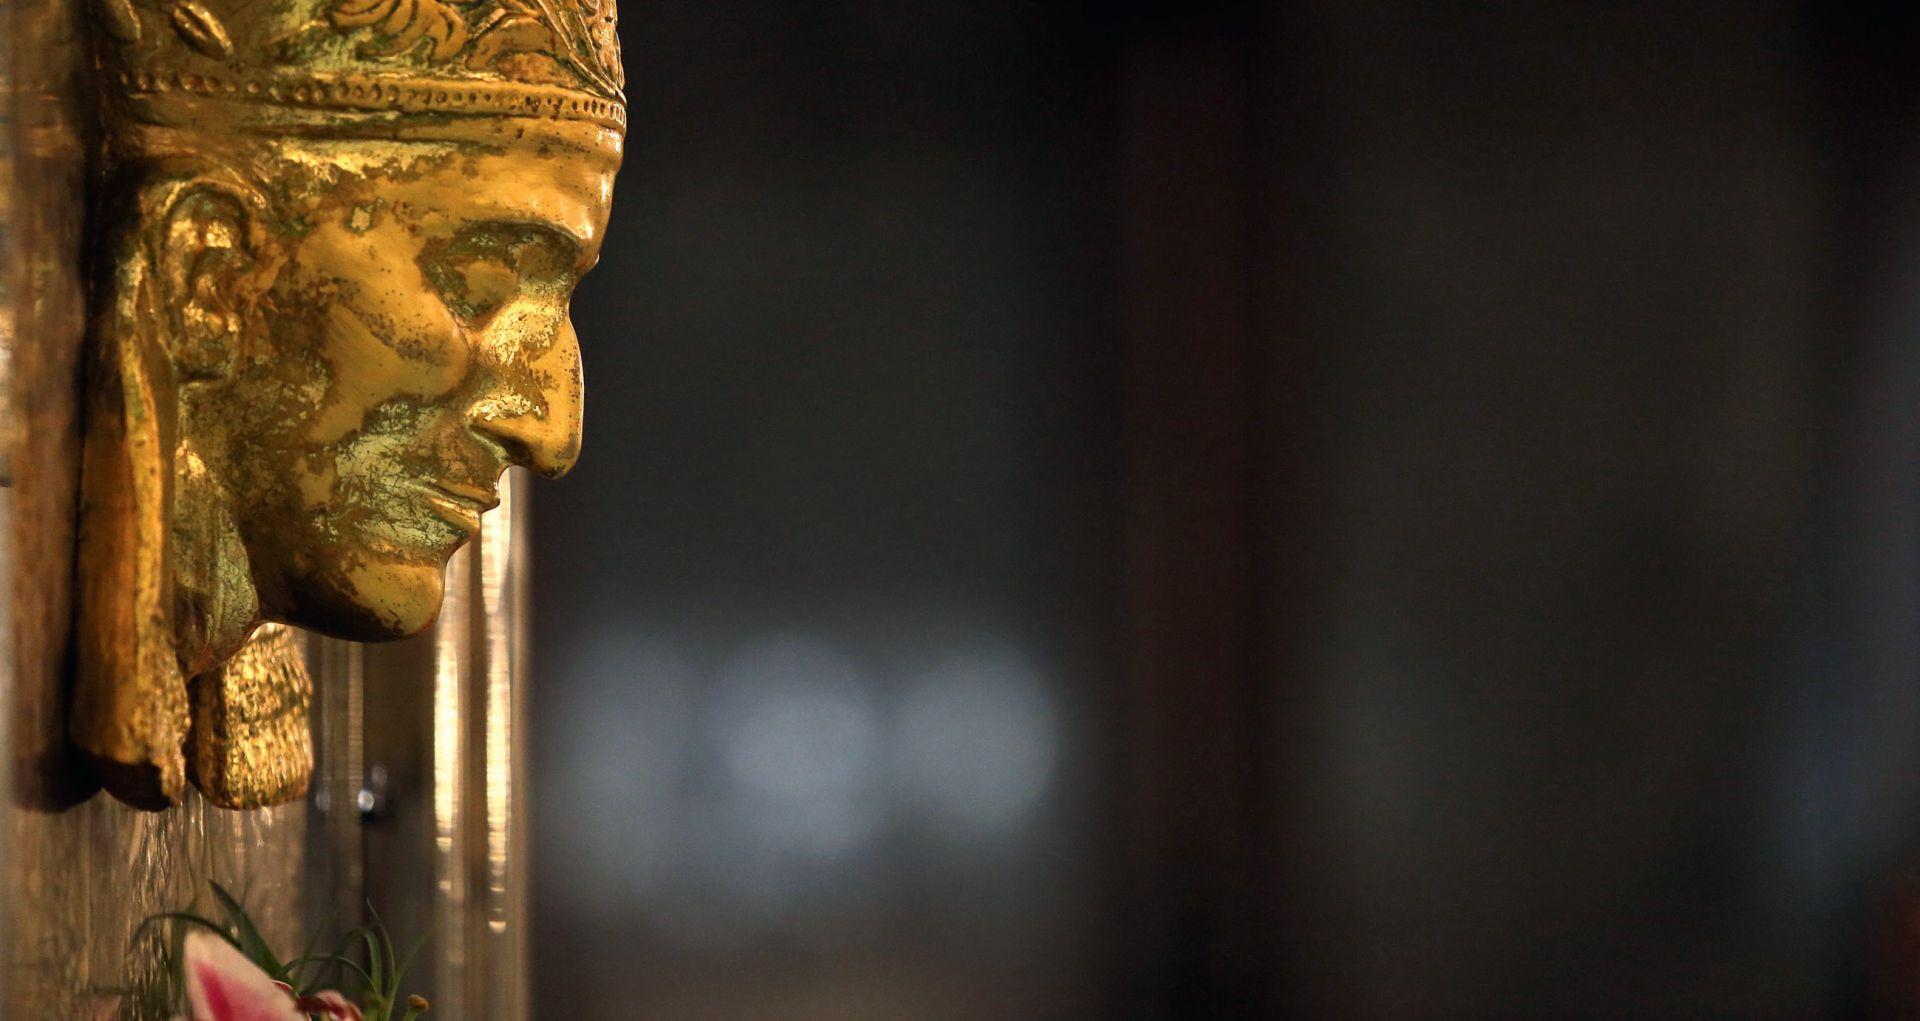 Najveći Stepinčev grijeh, ali i problem za katolike jest relativizacija rasnih zakona